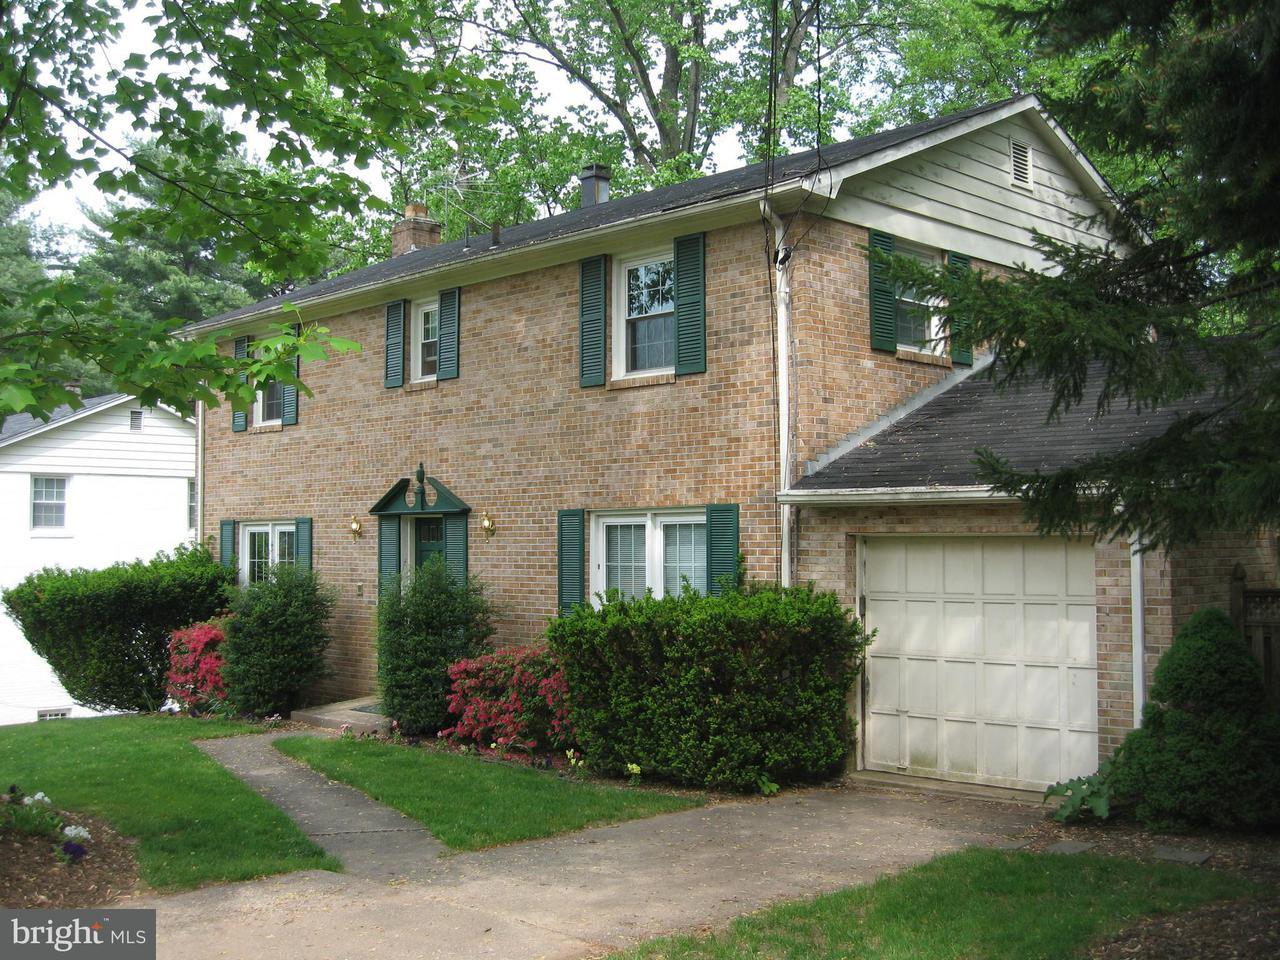 一戸建て のために 売買 アット 13201 Collingwood Ter 13201 Collingwood Ter Silver Spring, メリーランド 20904 アメリカ合衆国